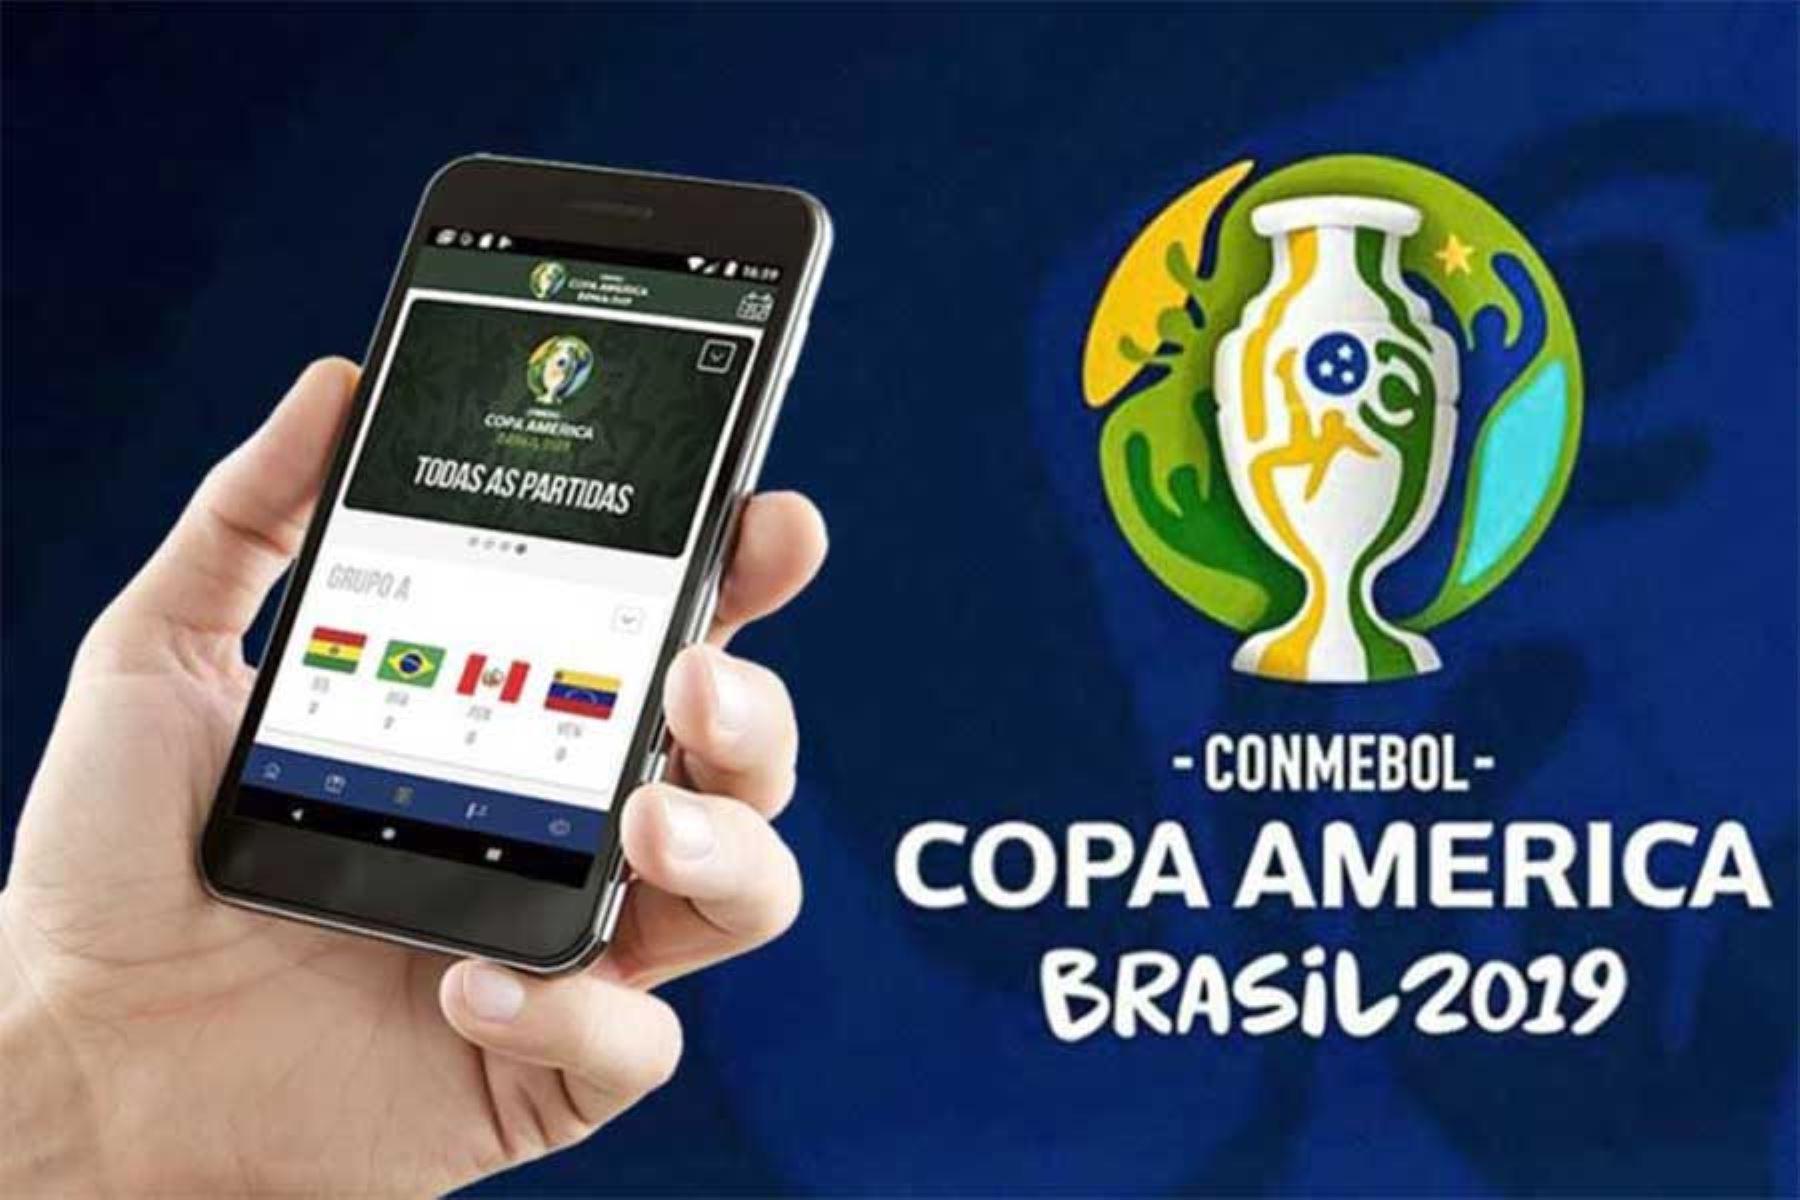 La aplicación móvil de la Copa América está disponible para Android e iOS.